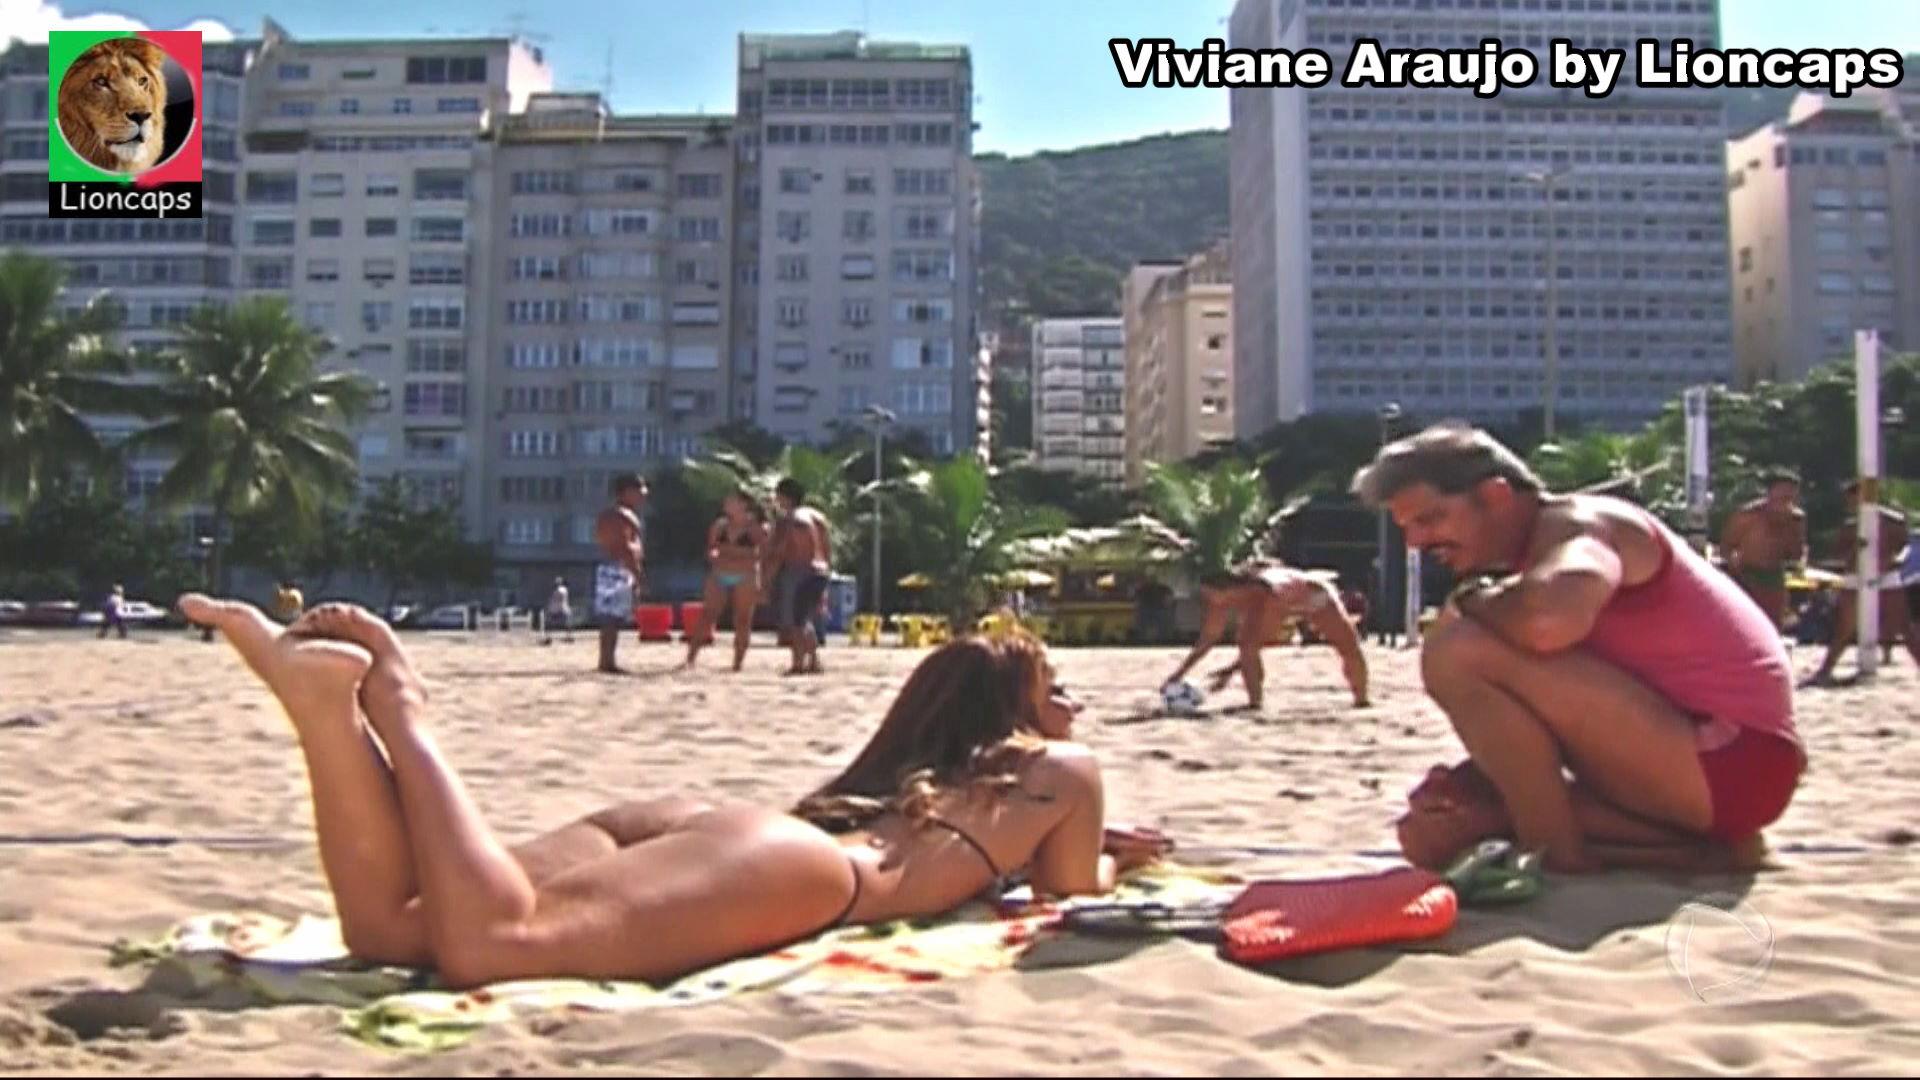 787337563_viviane_araujo_bela_vs190305_0578_122_80lo.JPG